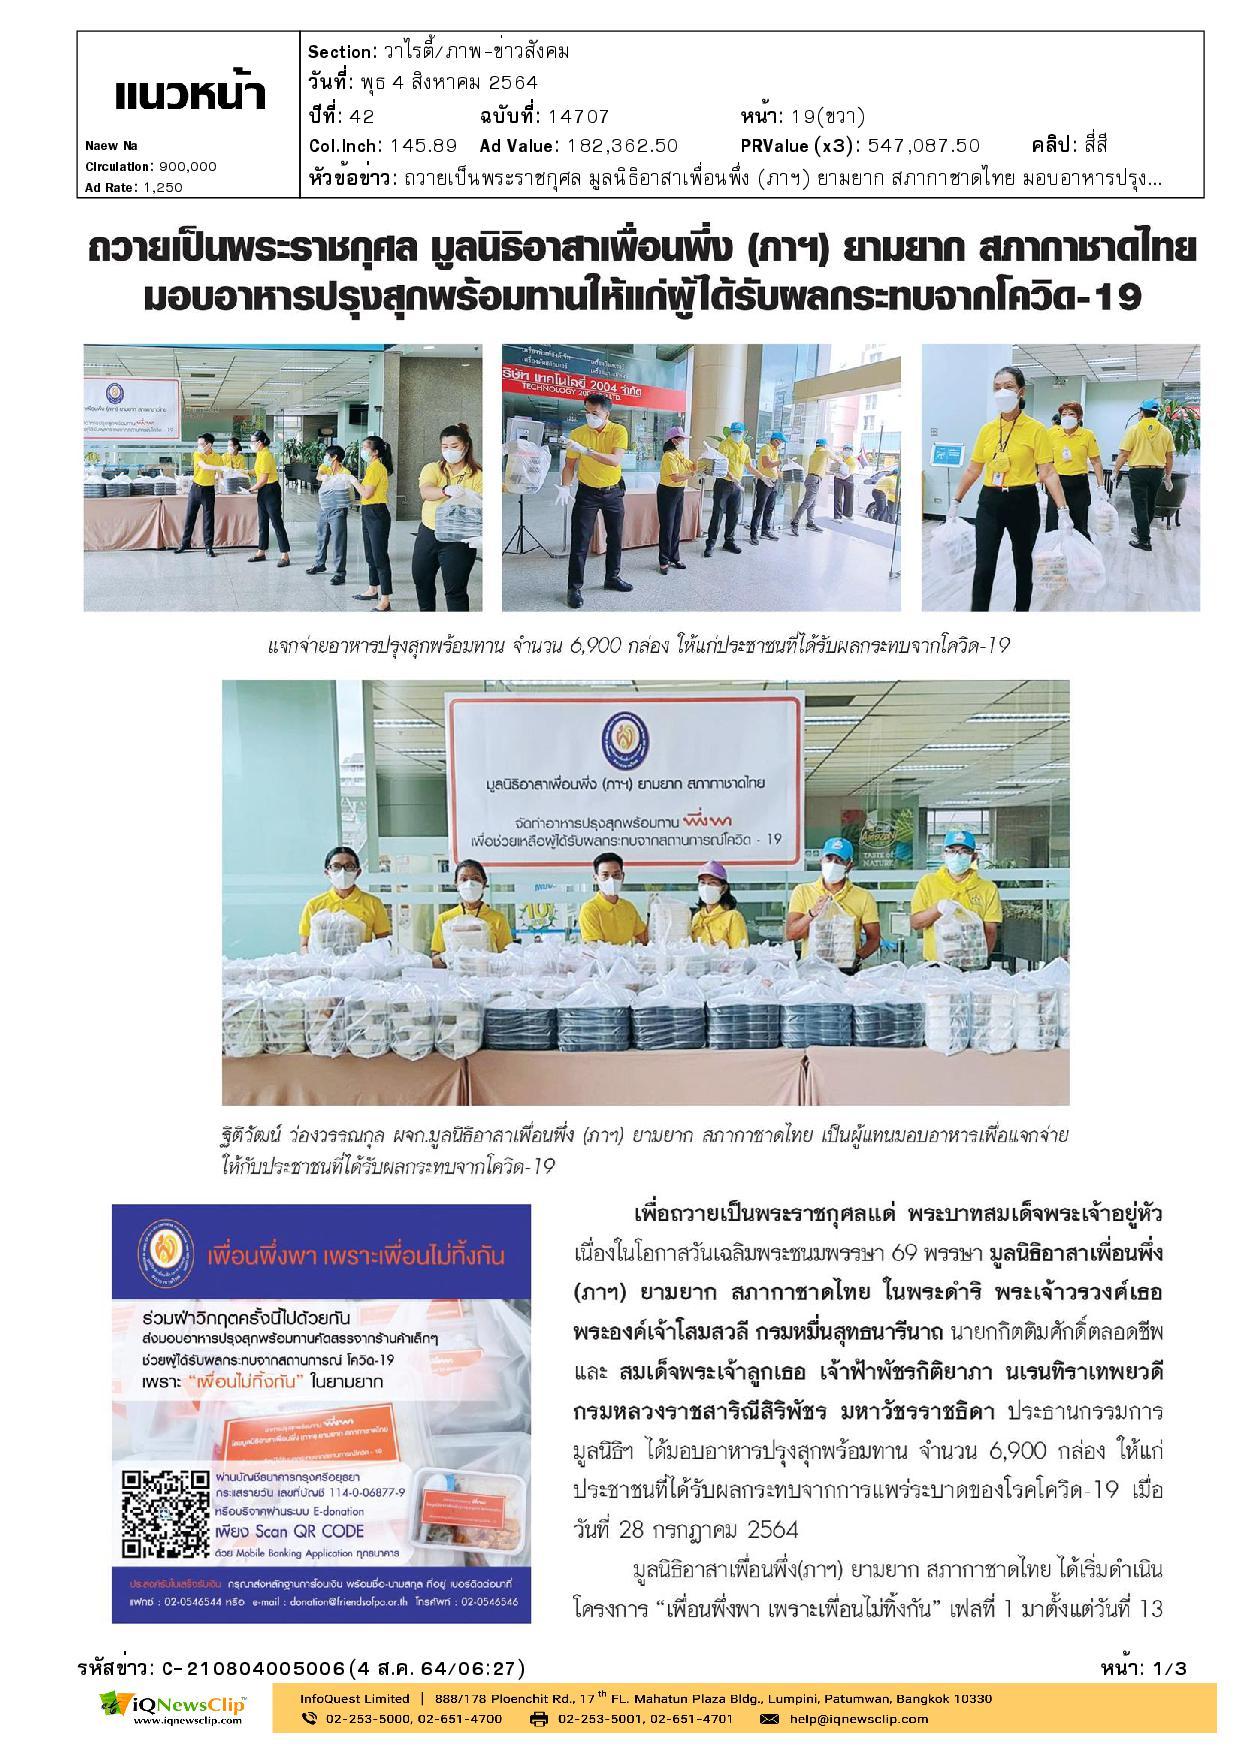 มูลนิธิอาสาเพื่อนพึ่ง (ภาฯ) ยามยาก สภากาชาดไทย มอบอาหารปรุงสุกพร้อมทานให้แก่ผู้ได้รับผลกระทบจากโควิด-19